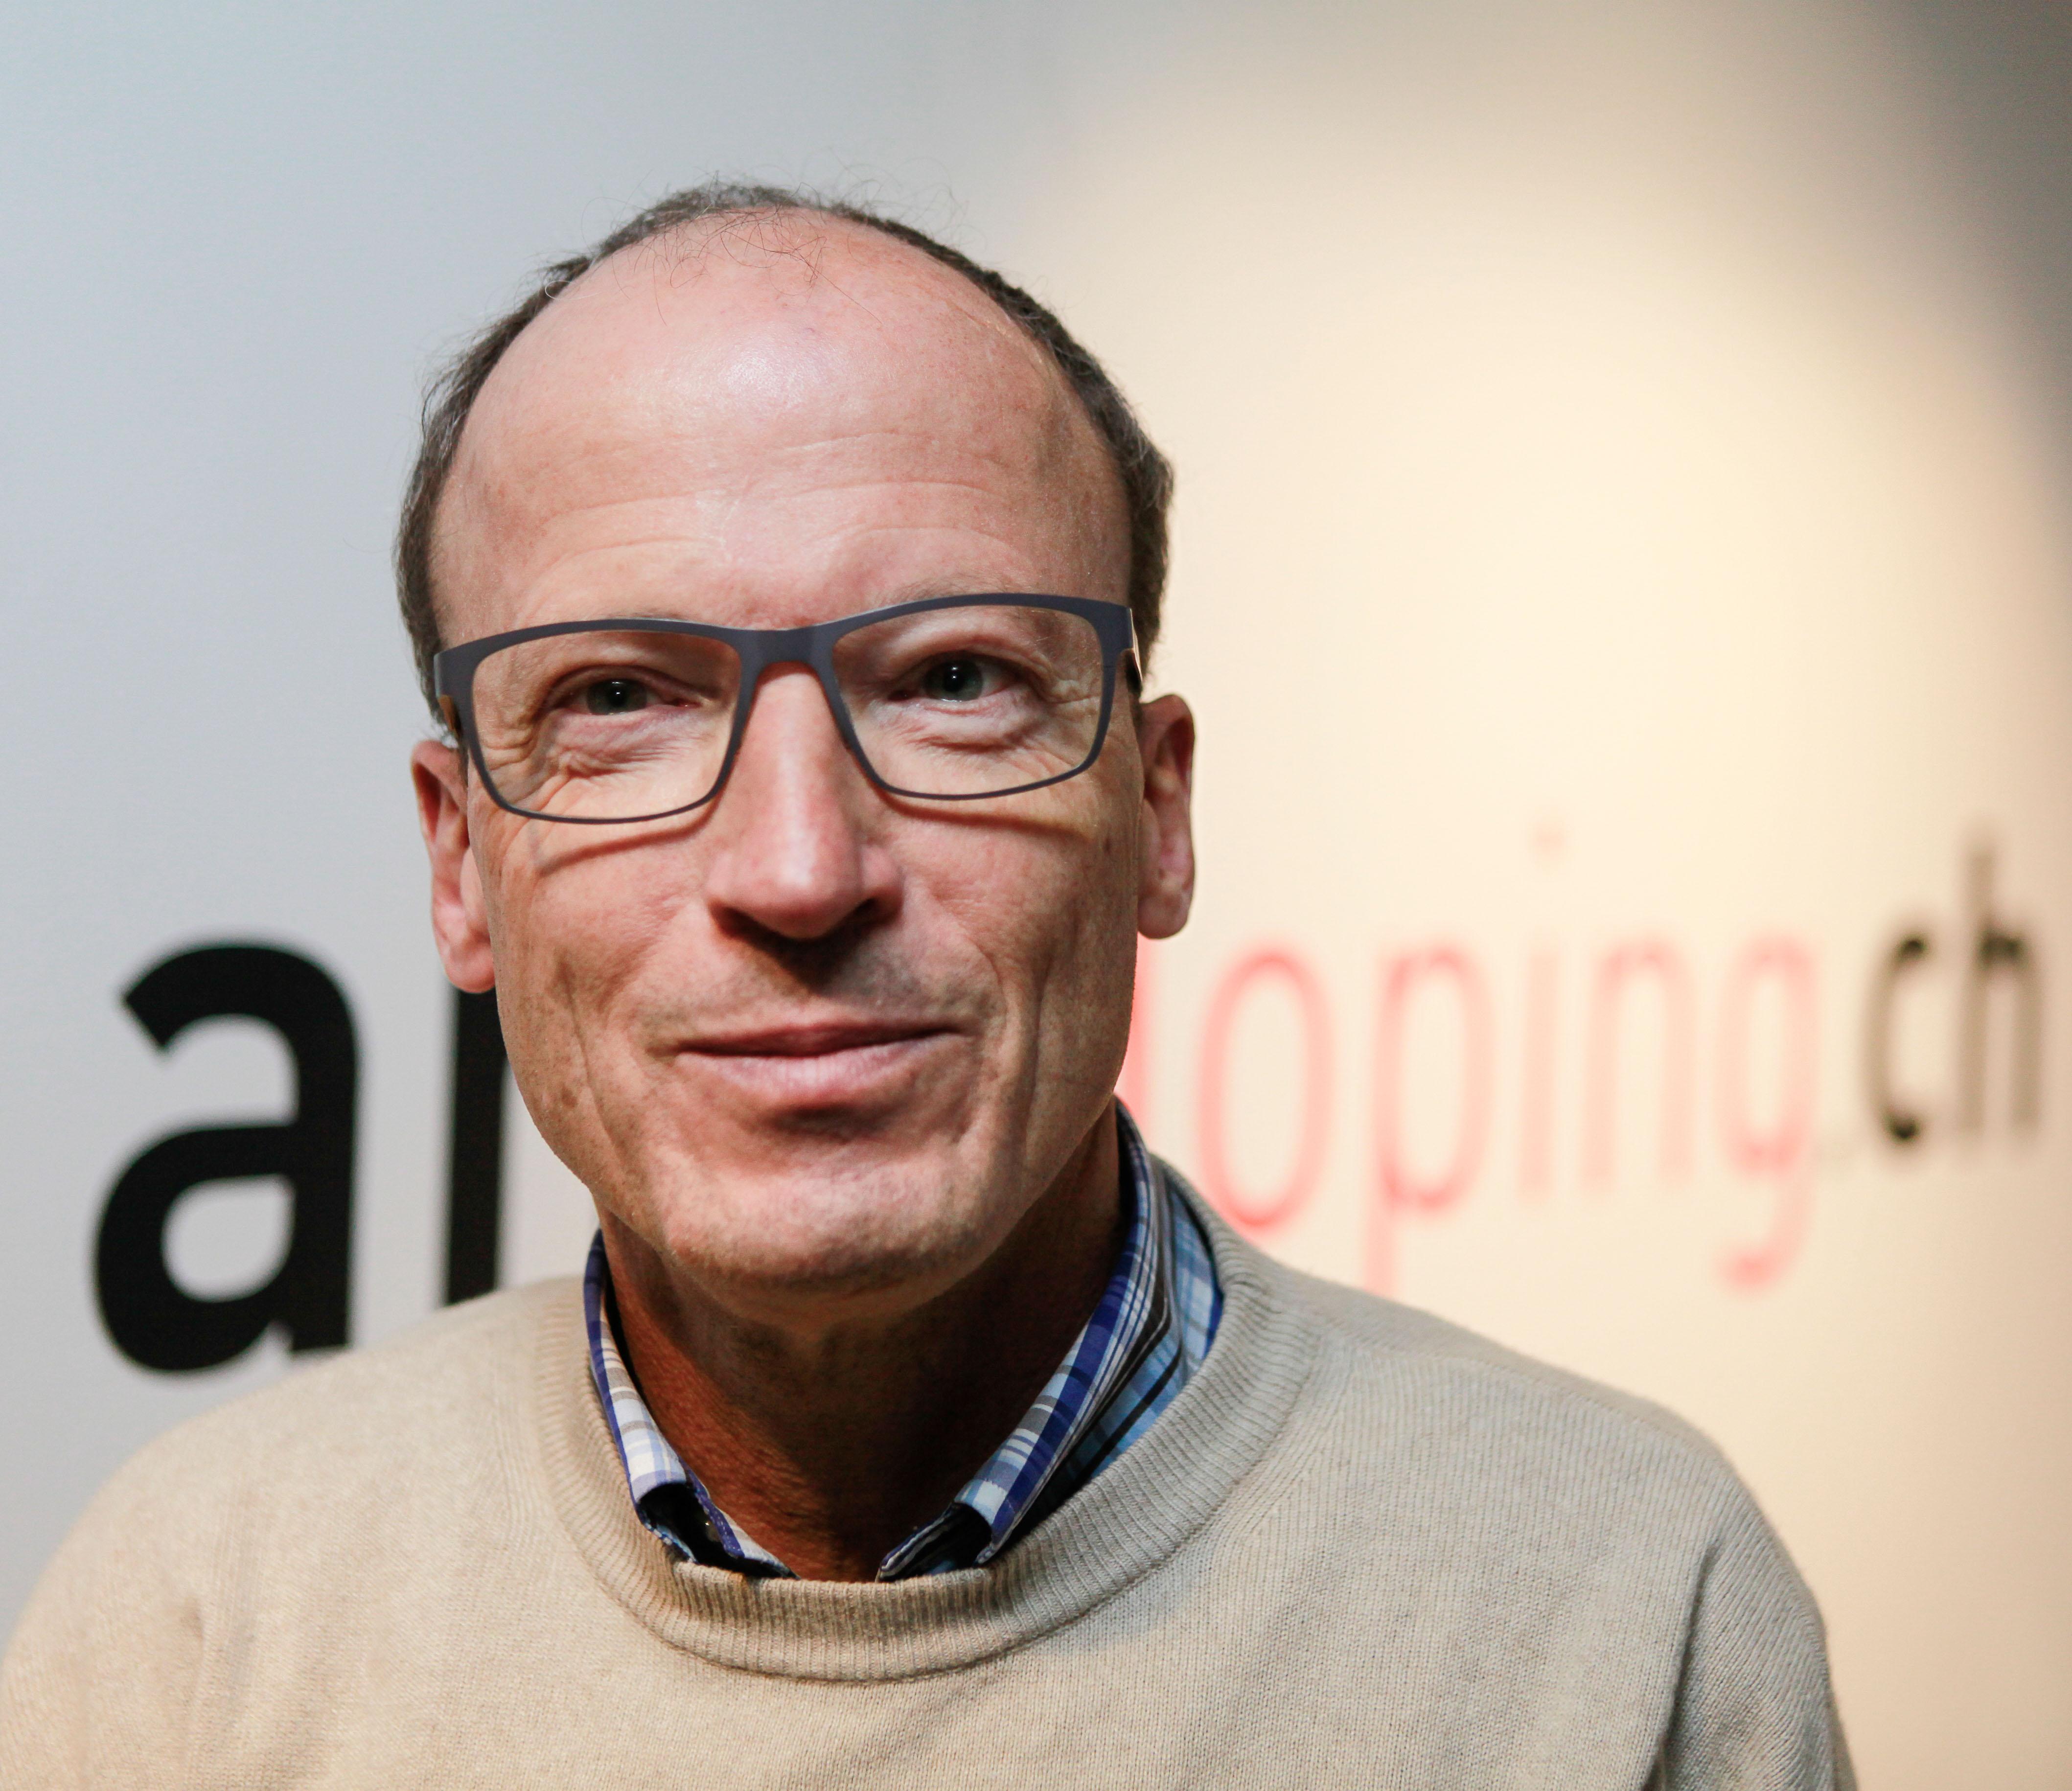 Jahrzehnte lang im Einsatz gegen Doping